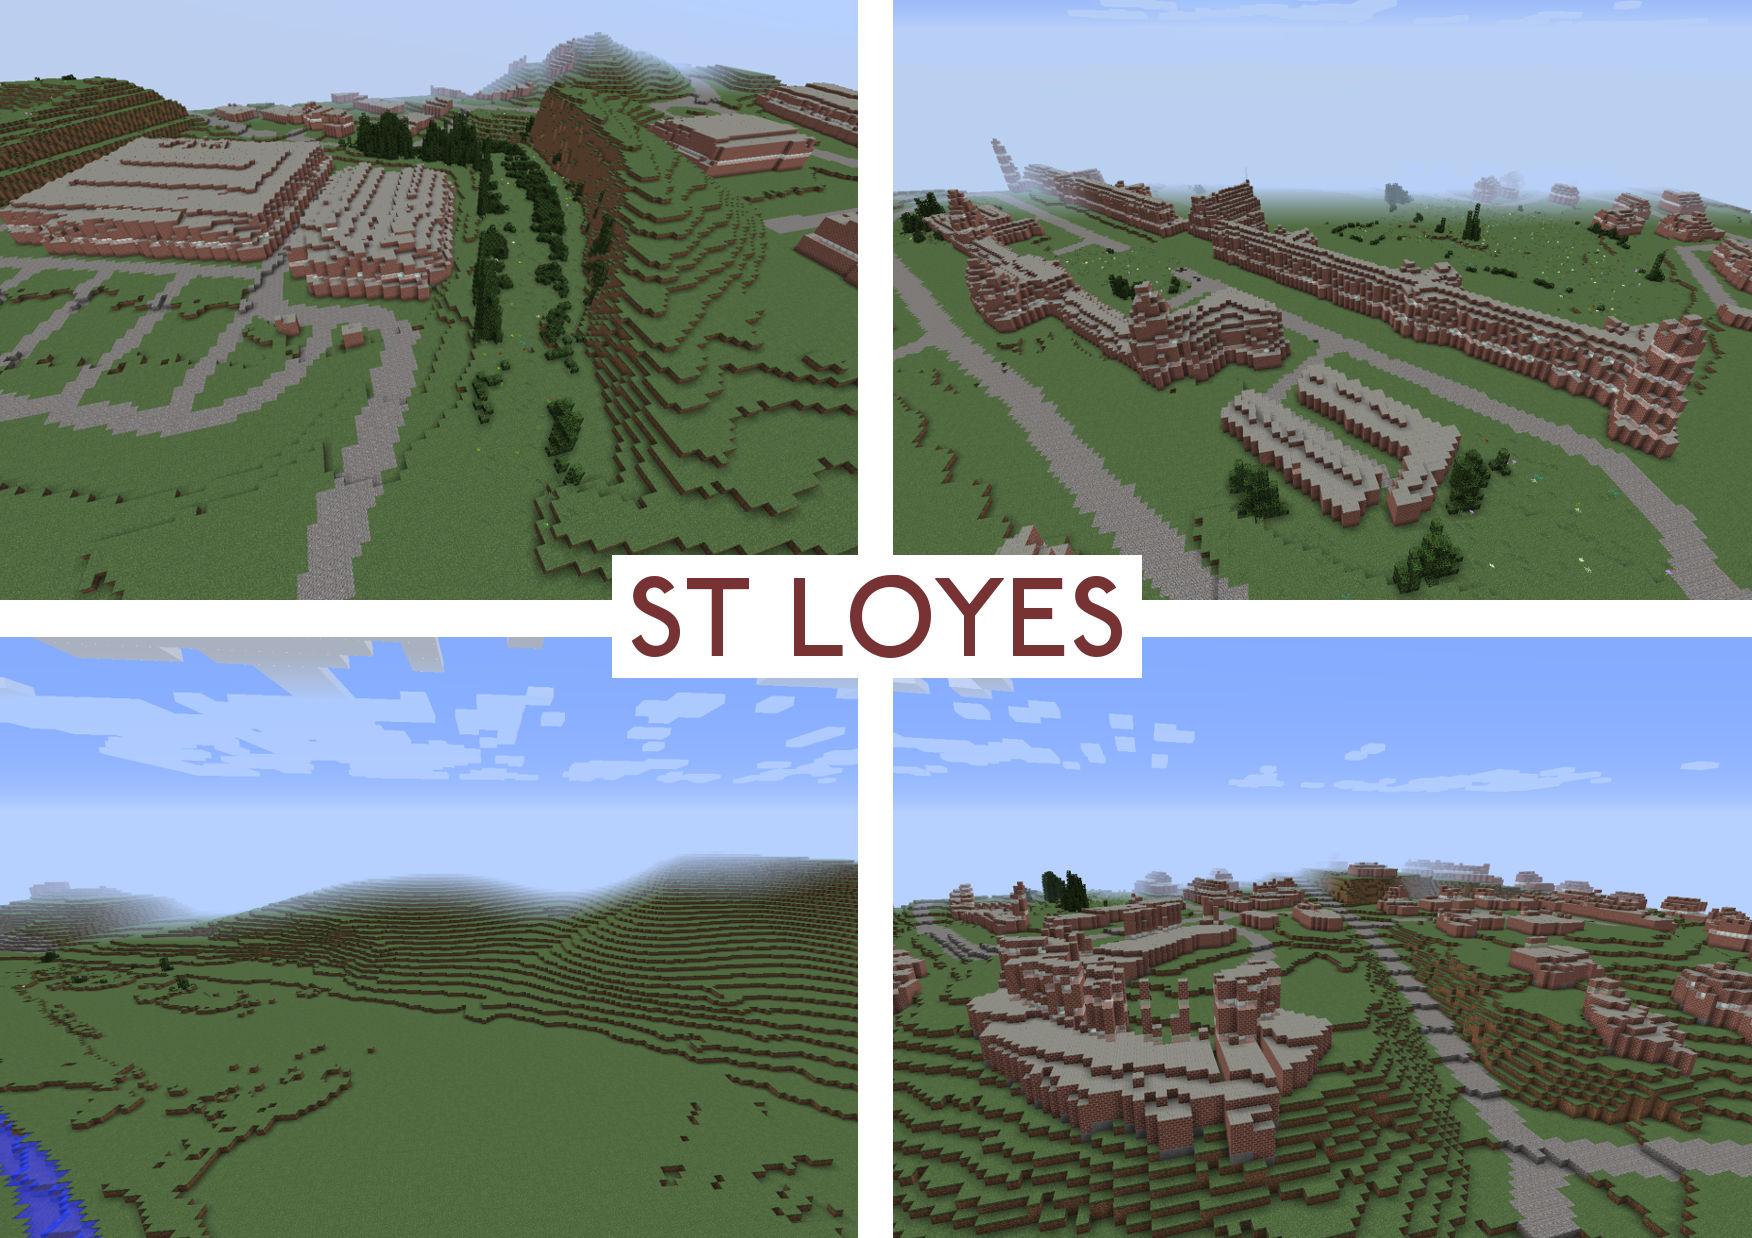 Visit St Loyes!